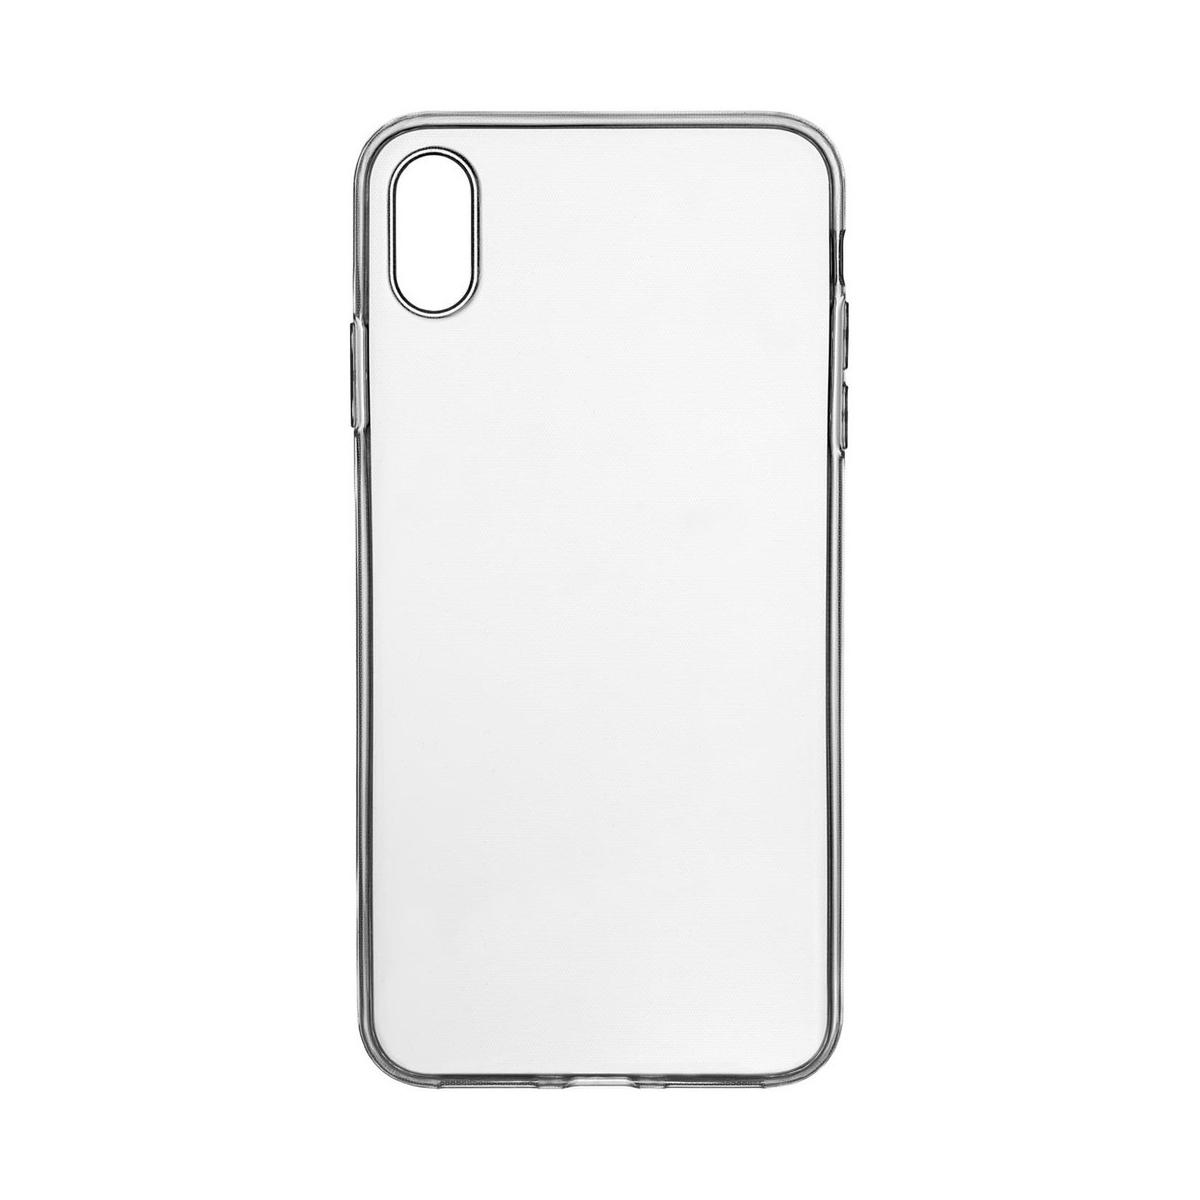 Чехол uBear Tone Case для Apple iPhone XS Max, прозрачный чехол ubear tone case для apple iphone xs max прозрачный